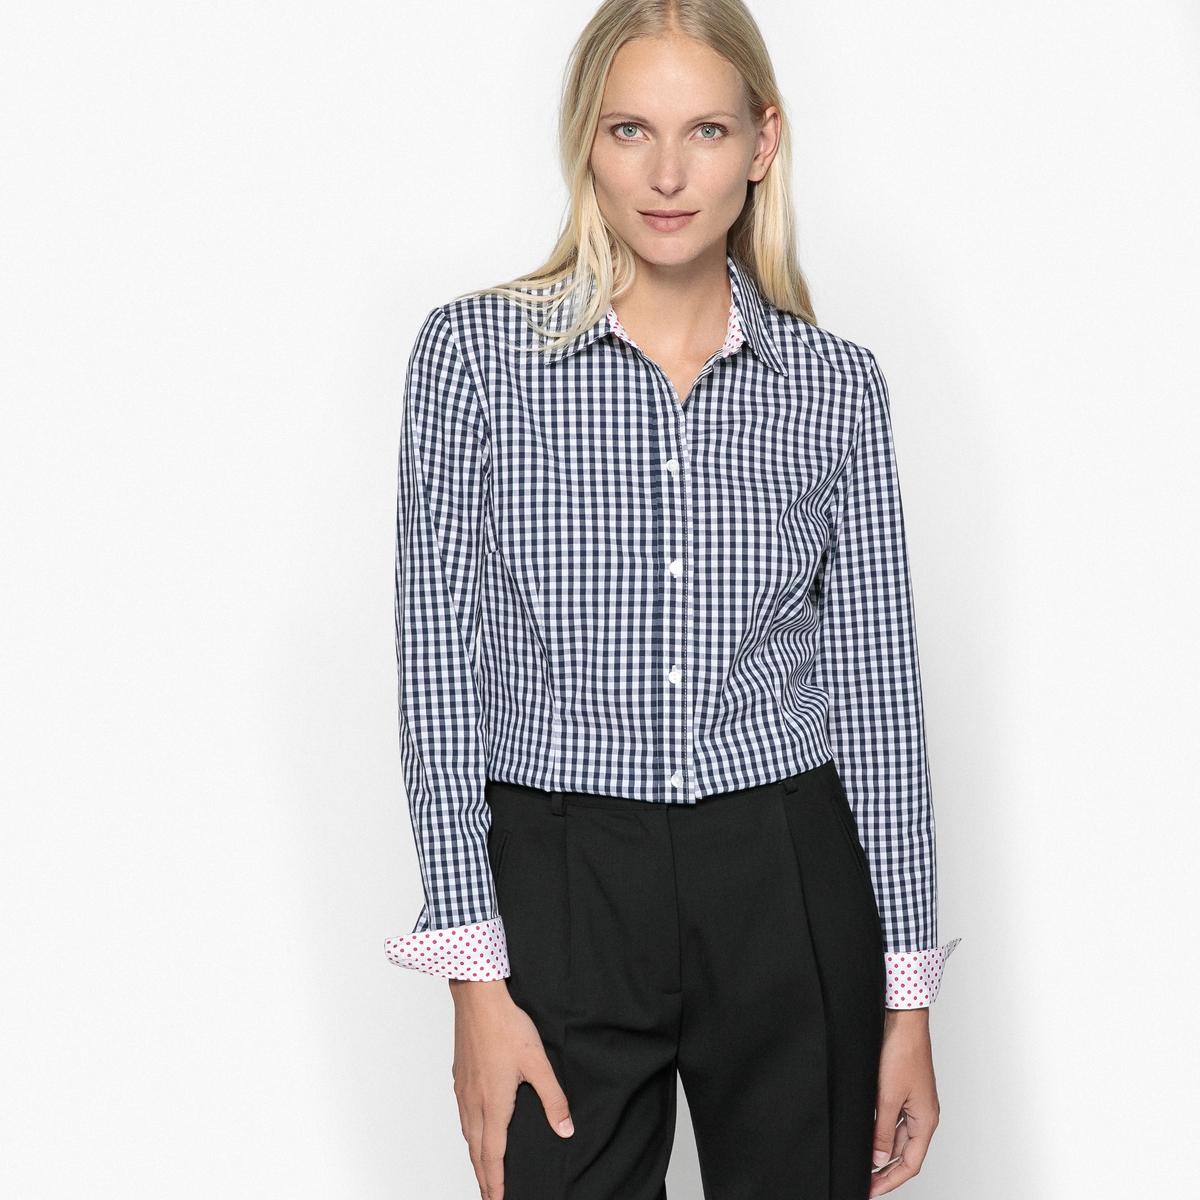 Блузка с рубашечным воротником в клетку виши из окрашенных волокон